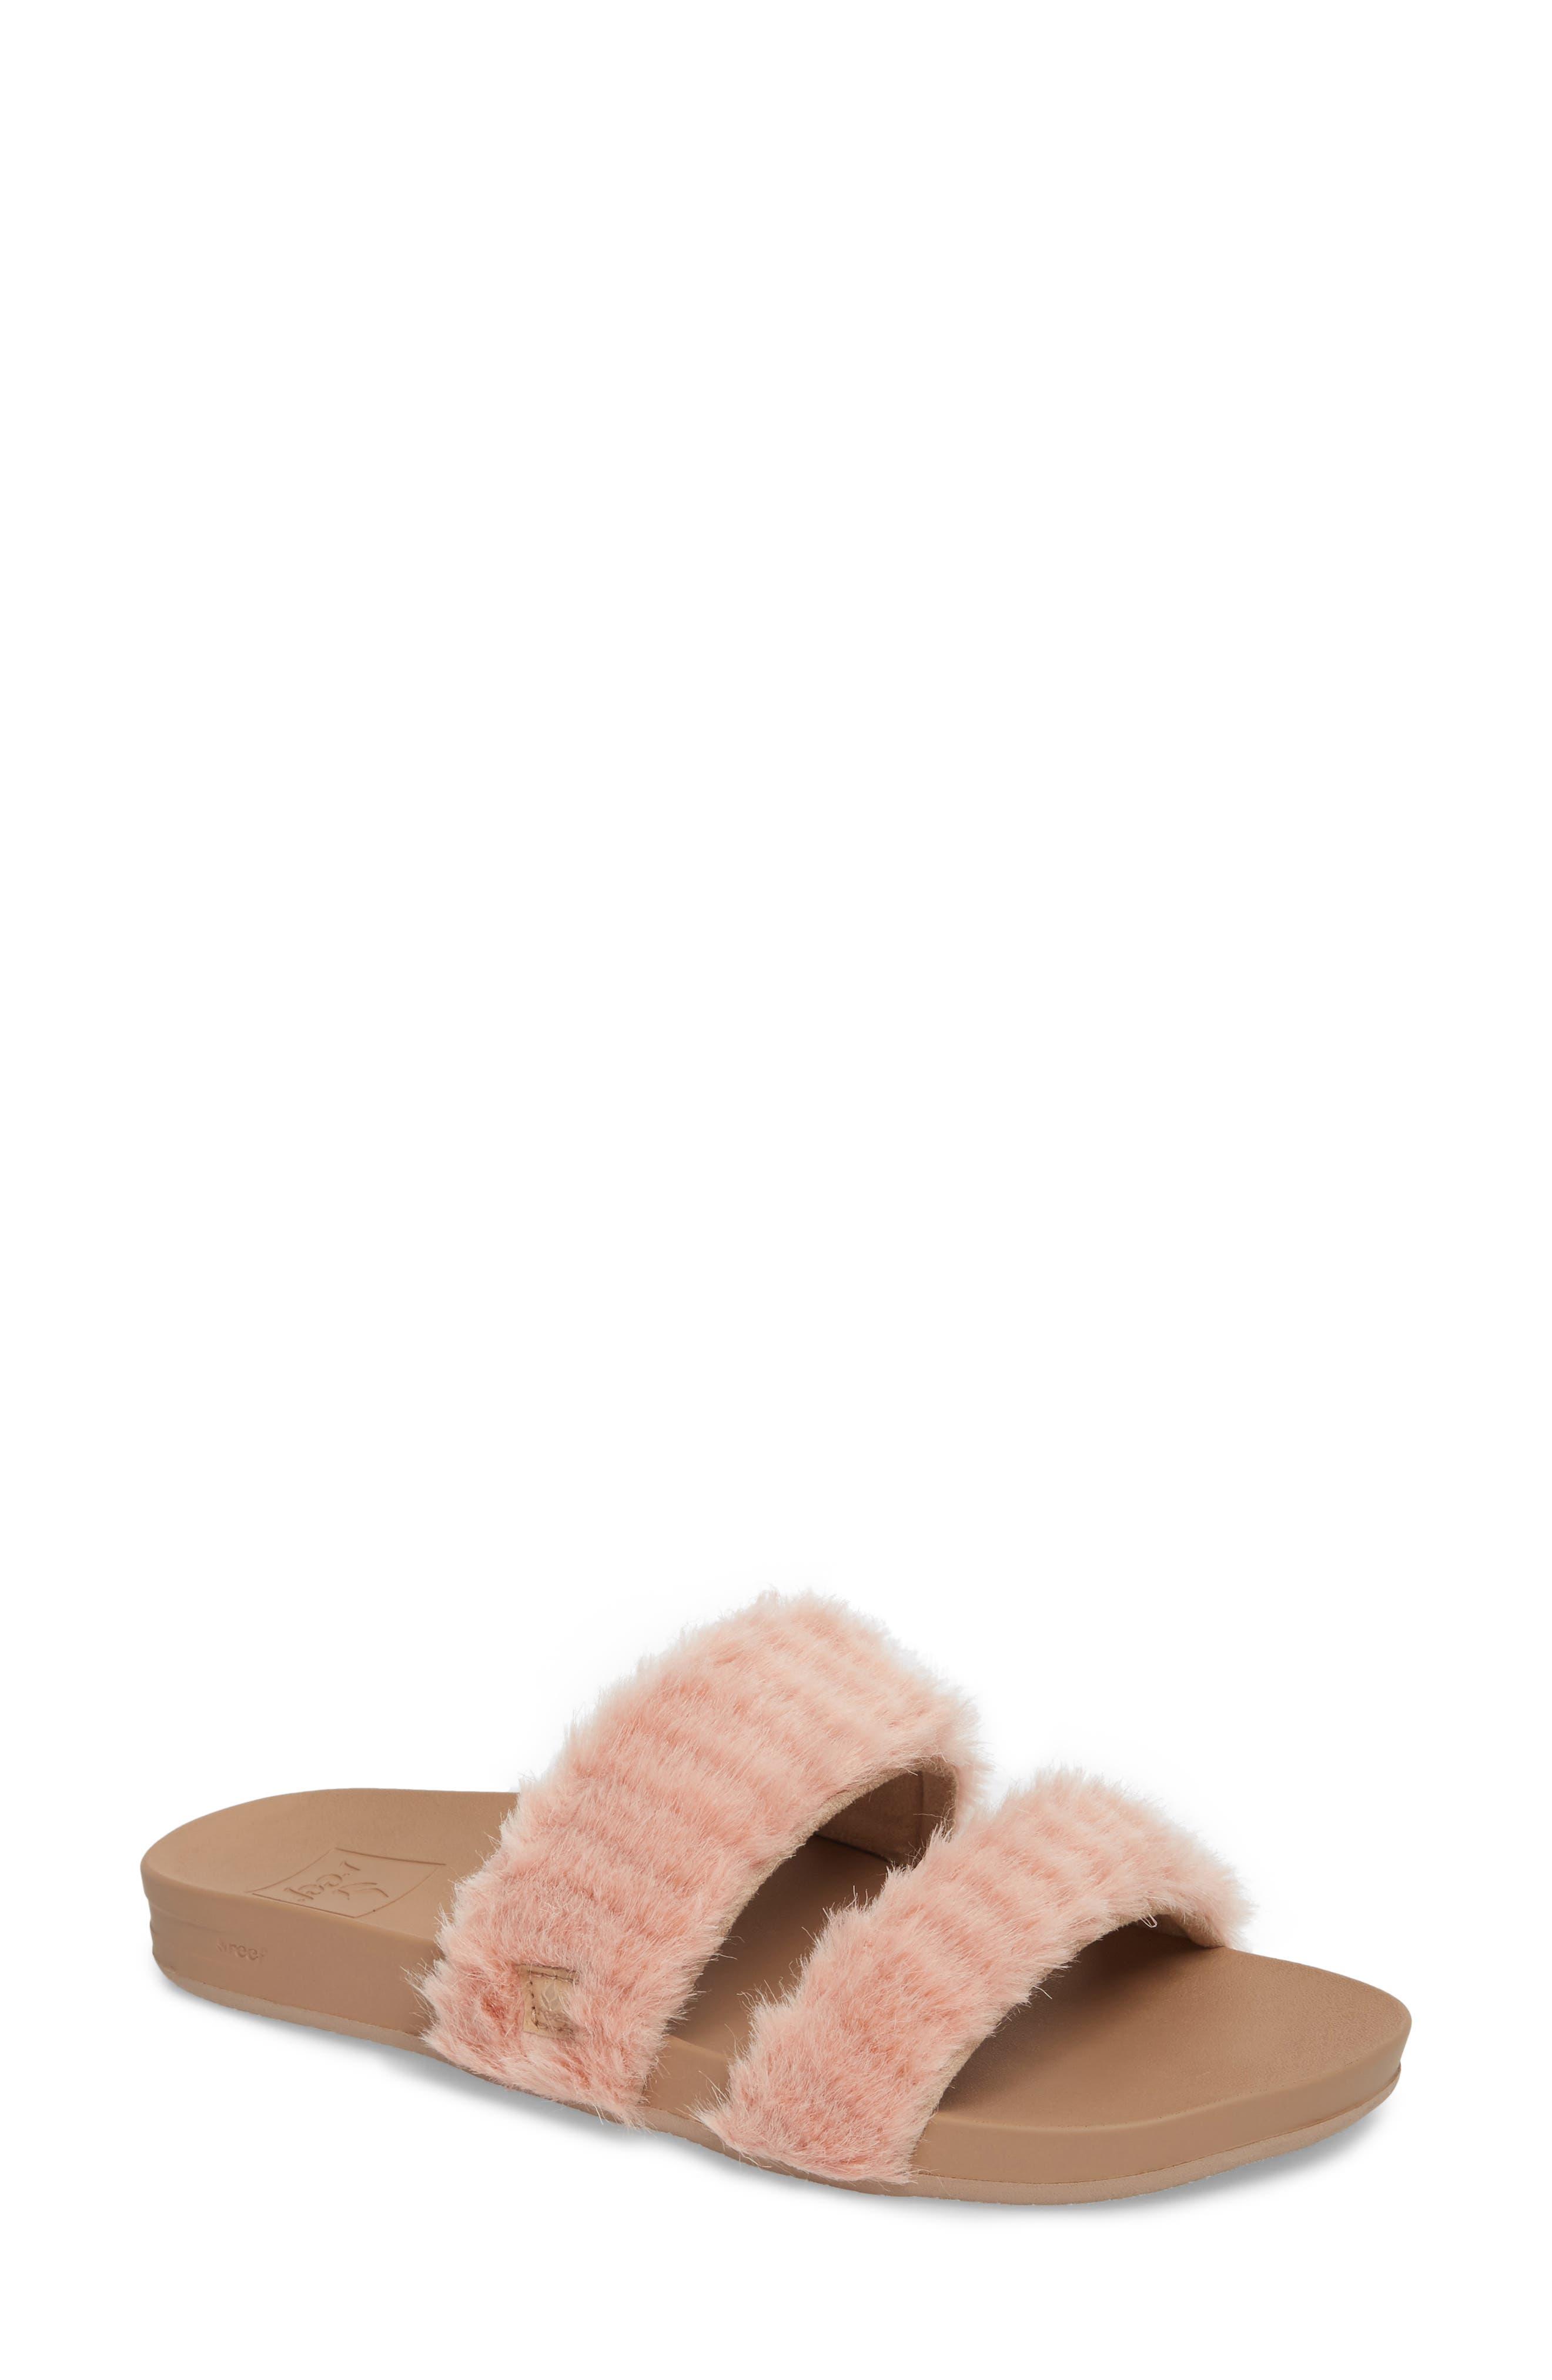 Bounce Faux Fur Double Strap Slide Sandal,                             Main thumbnail 1, color,                             650